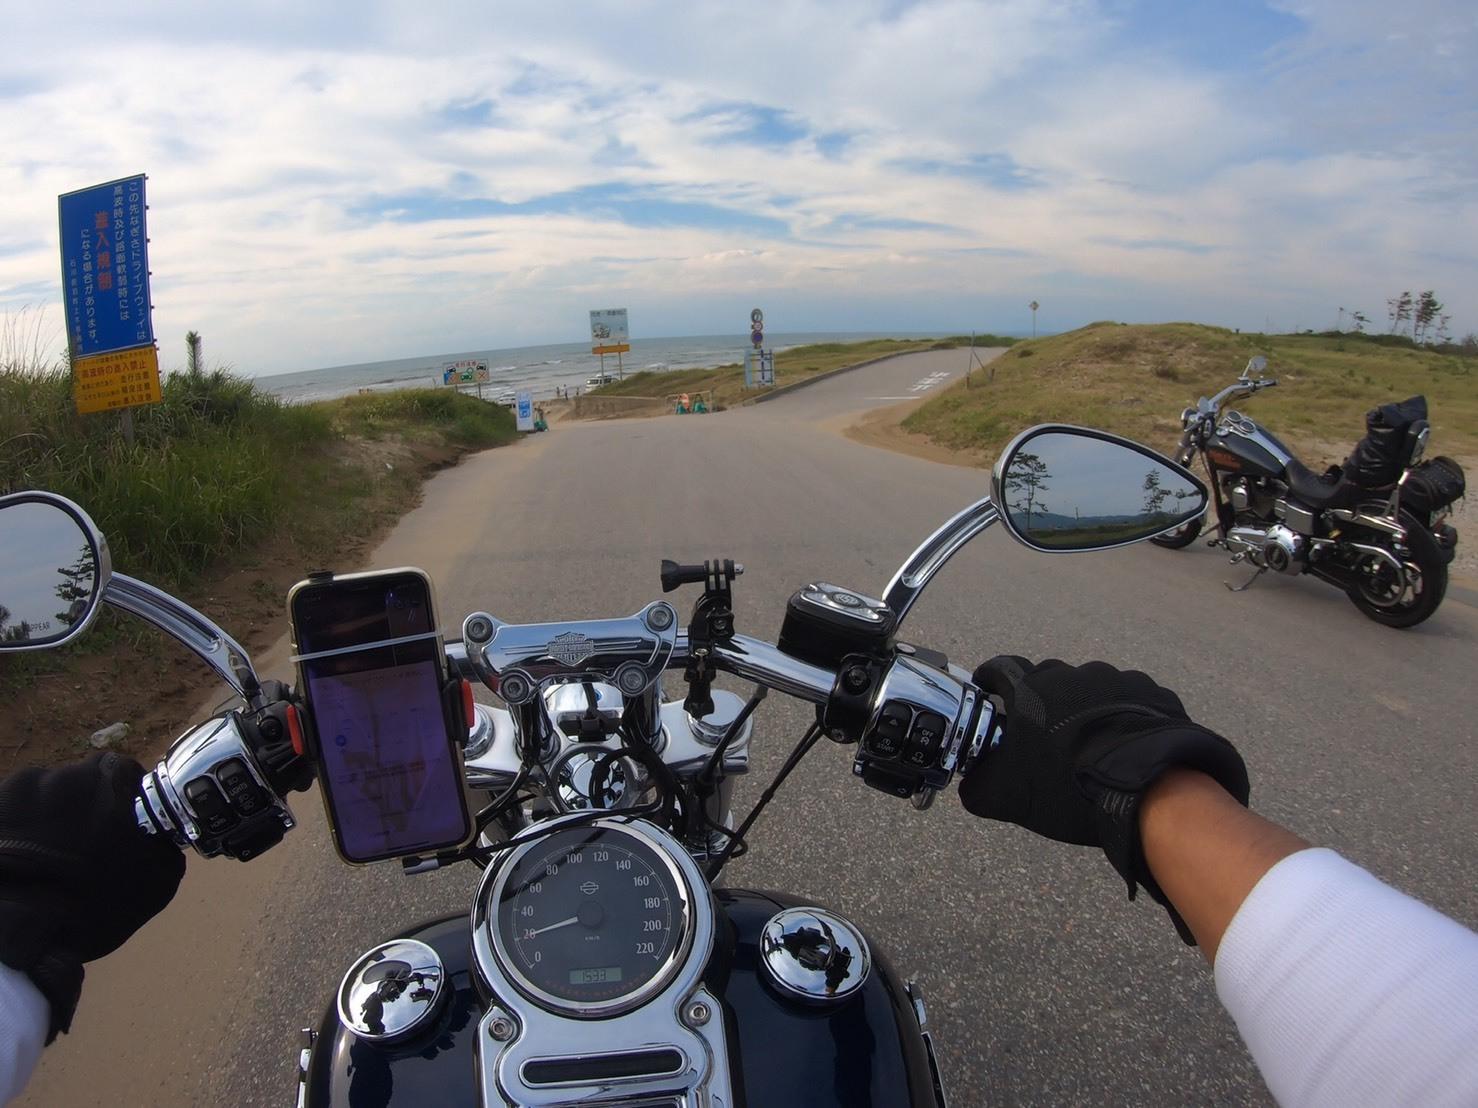 ぴーきちハーレーブログ 福井金沢ツーリング 千里浜なぎさドライブウェイ 到着 海岸線